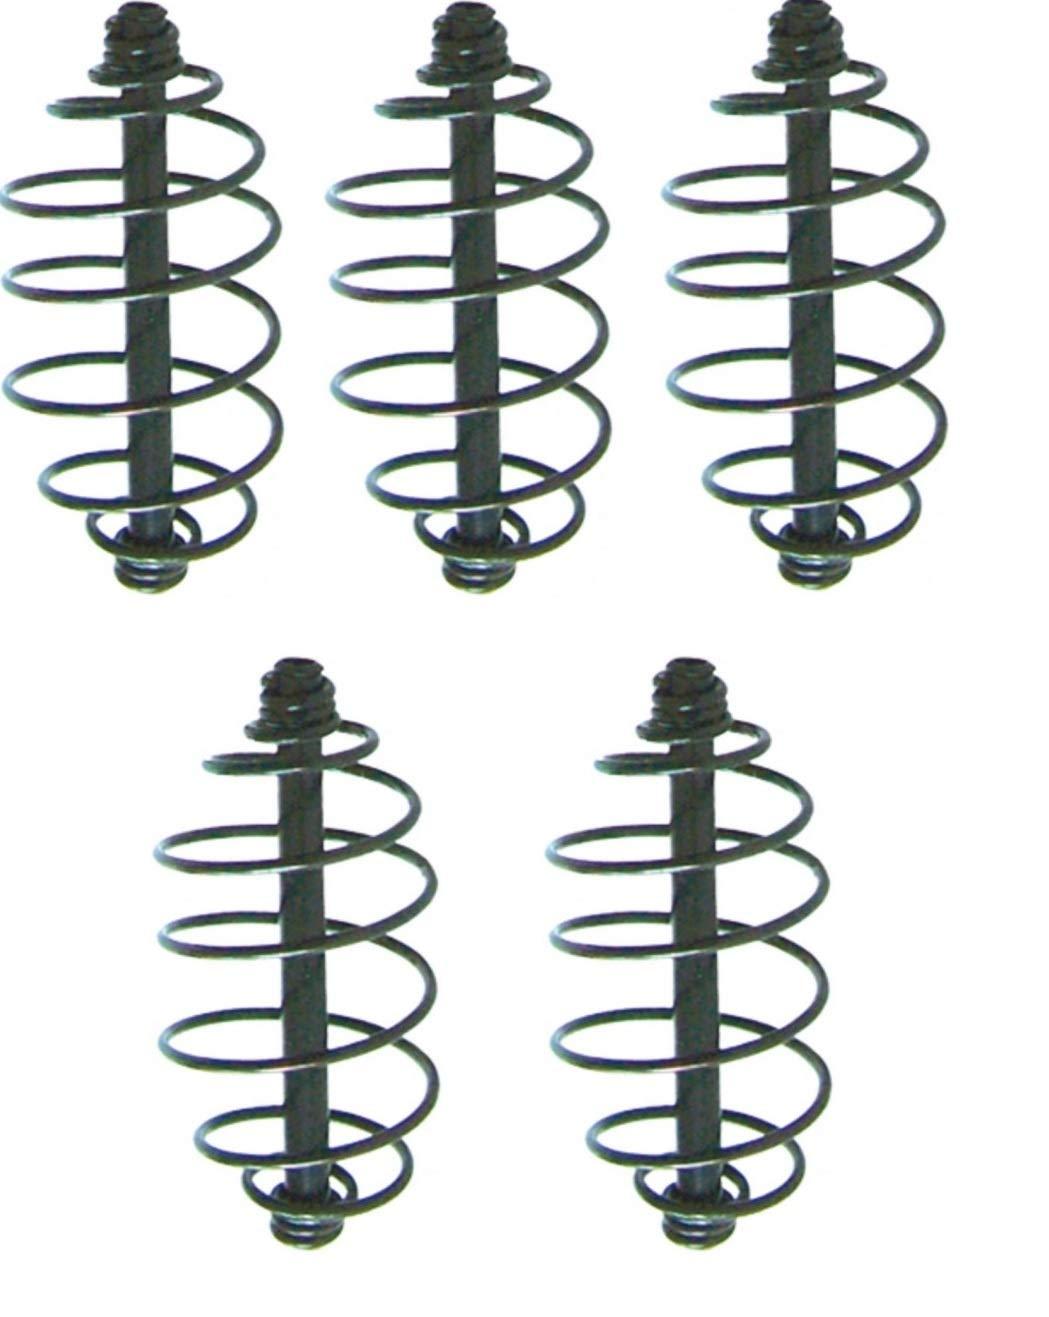 Futterspirale ohne Blei 5 Stück Futterkorb Feeder Spirale